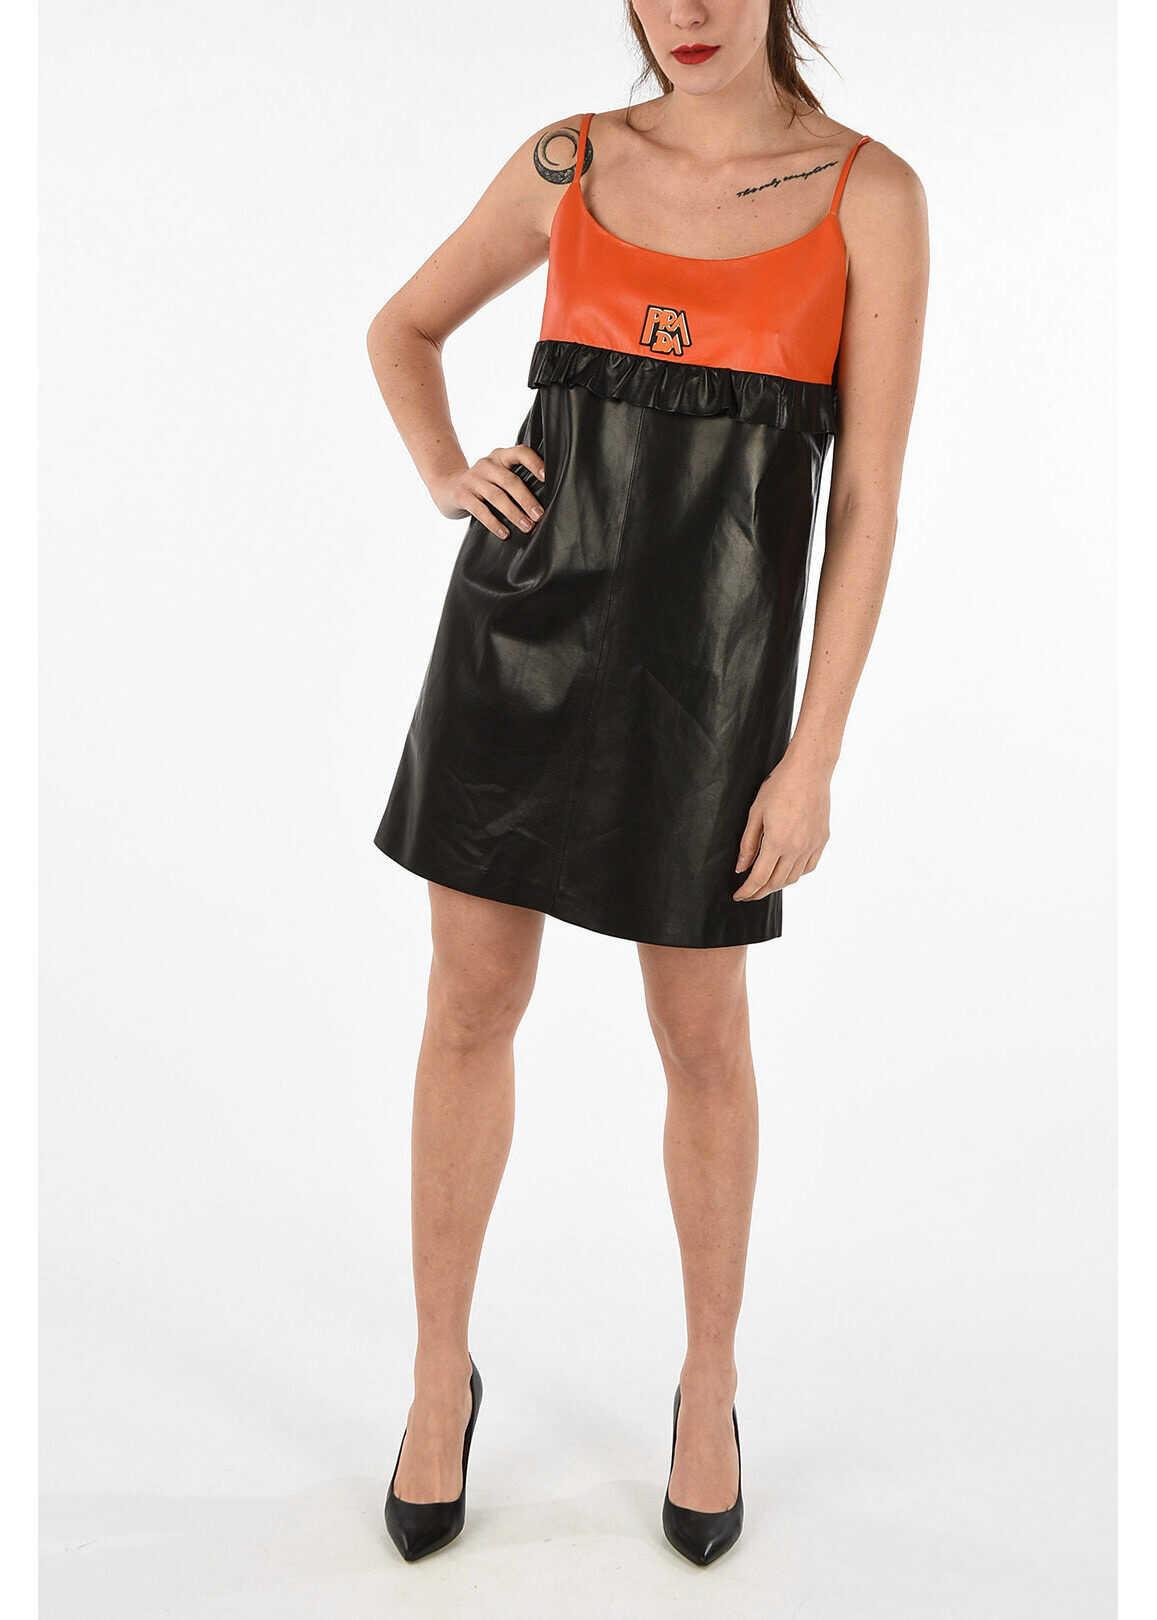 Prada Leather dress MULTICOLOR